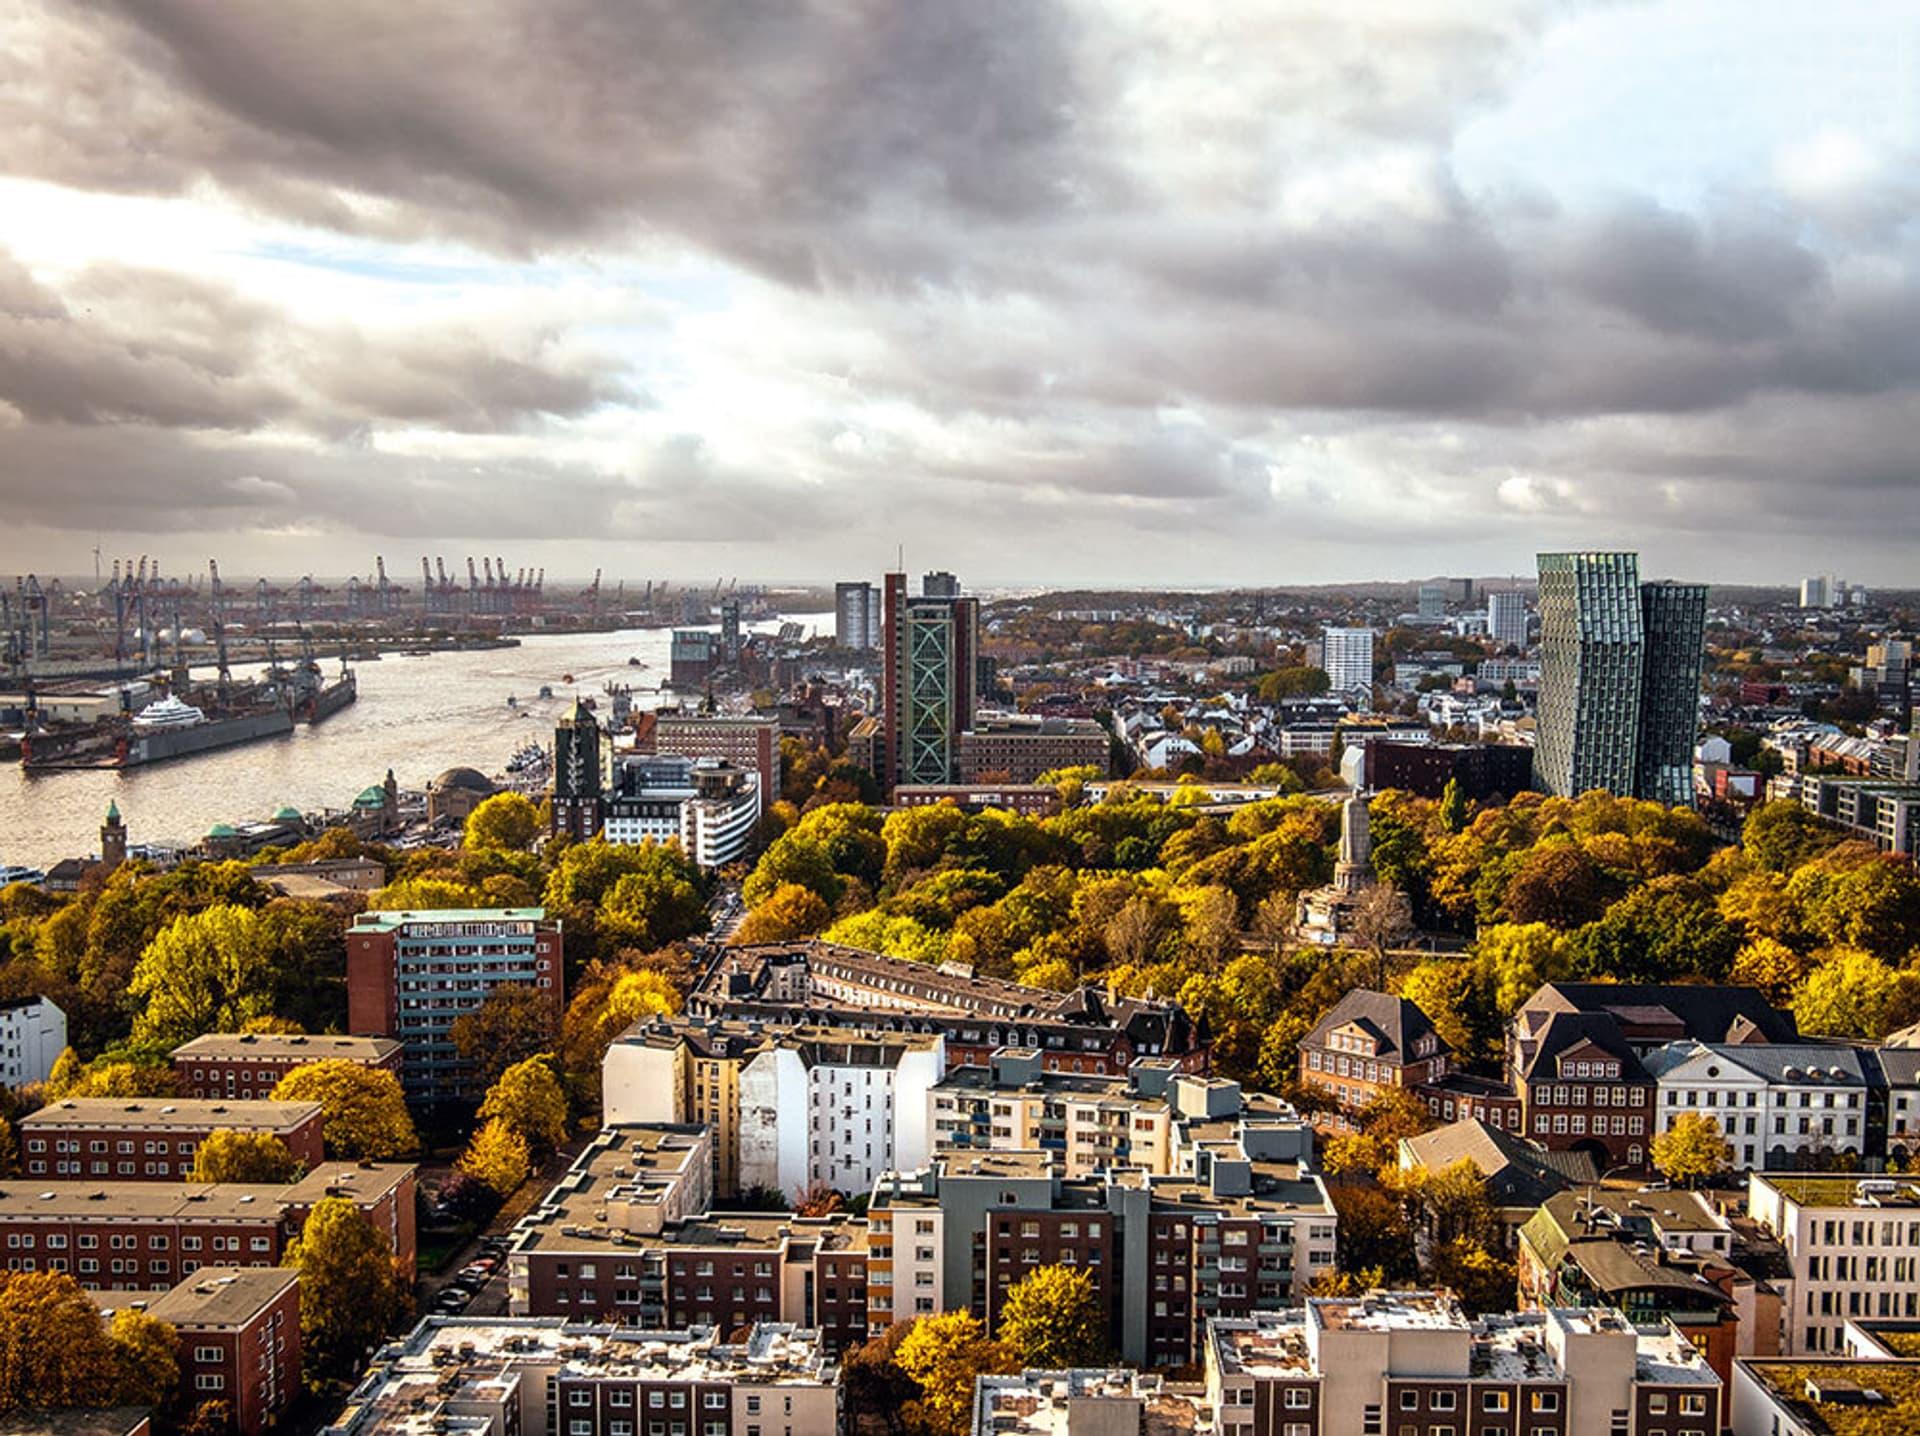 Hamburg von oben: Gebäude, Baumkronen, links die Elbe, wolkenverhangener Himmel